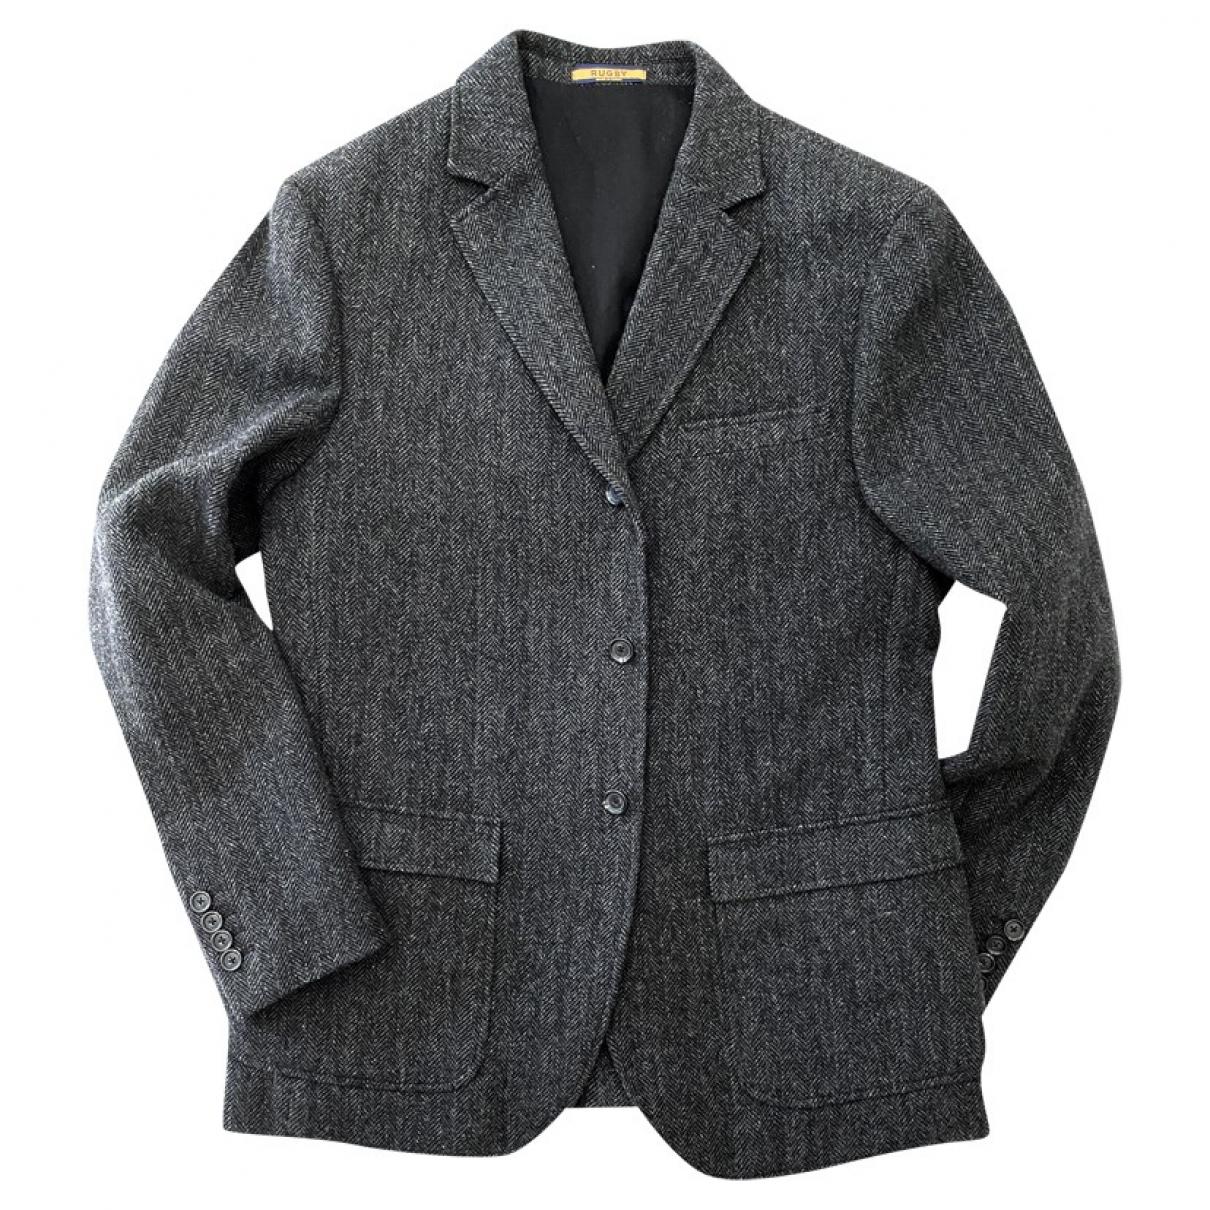 Ralph Lauren - Vestes.Blousons   pour homme en laine - gris